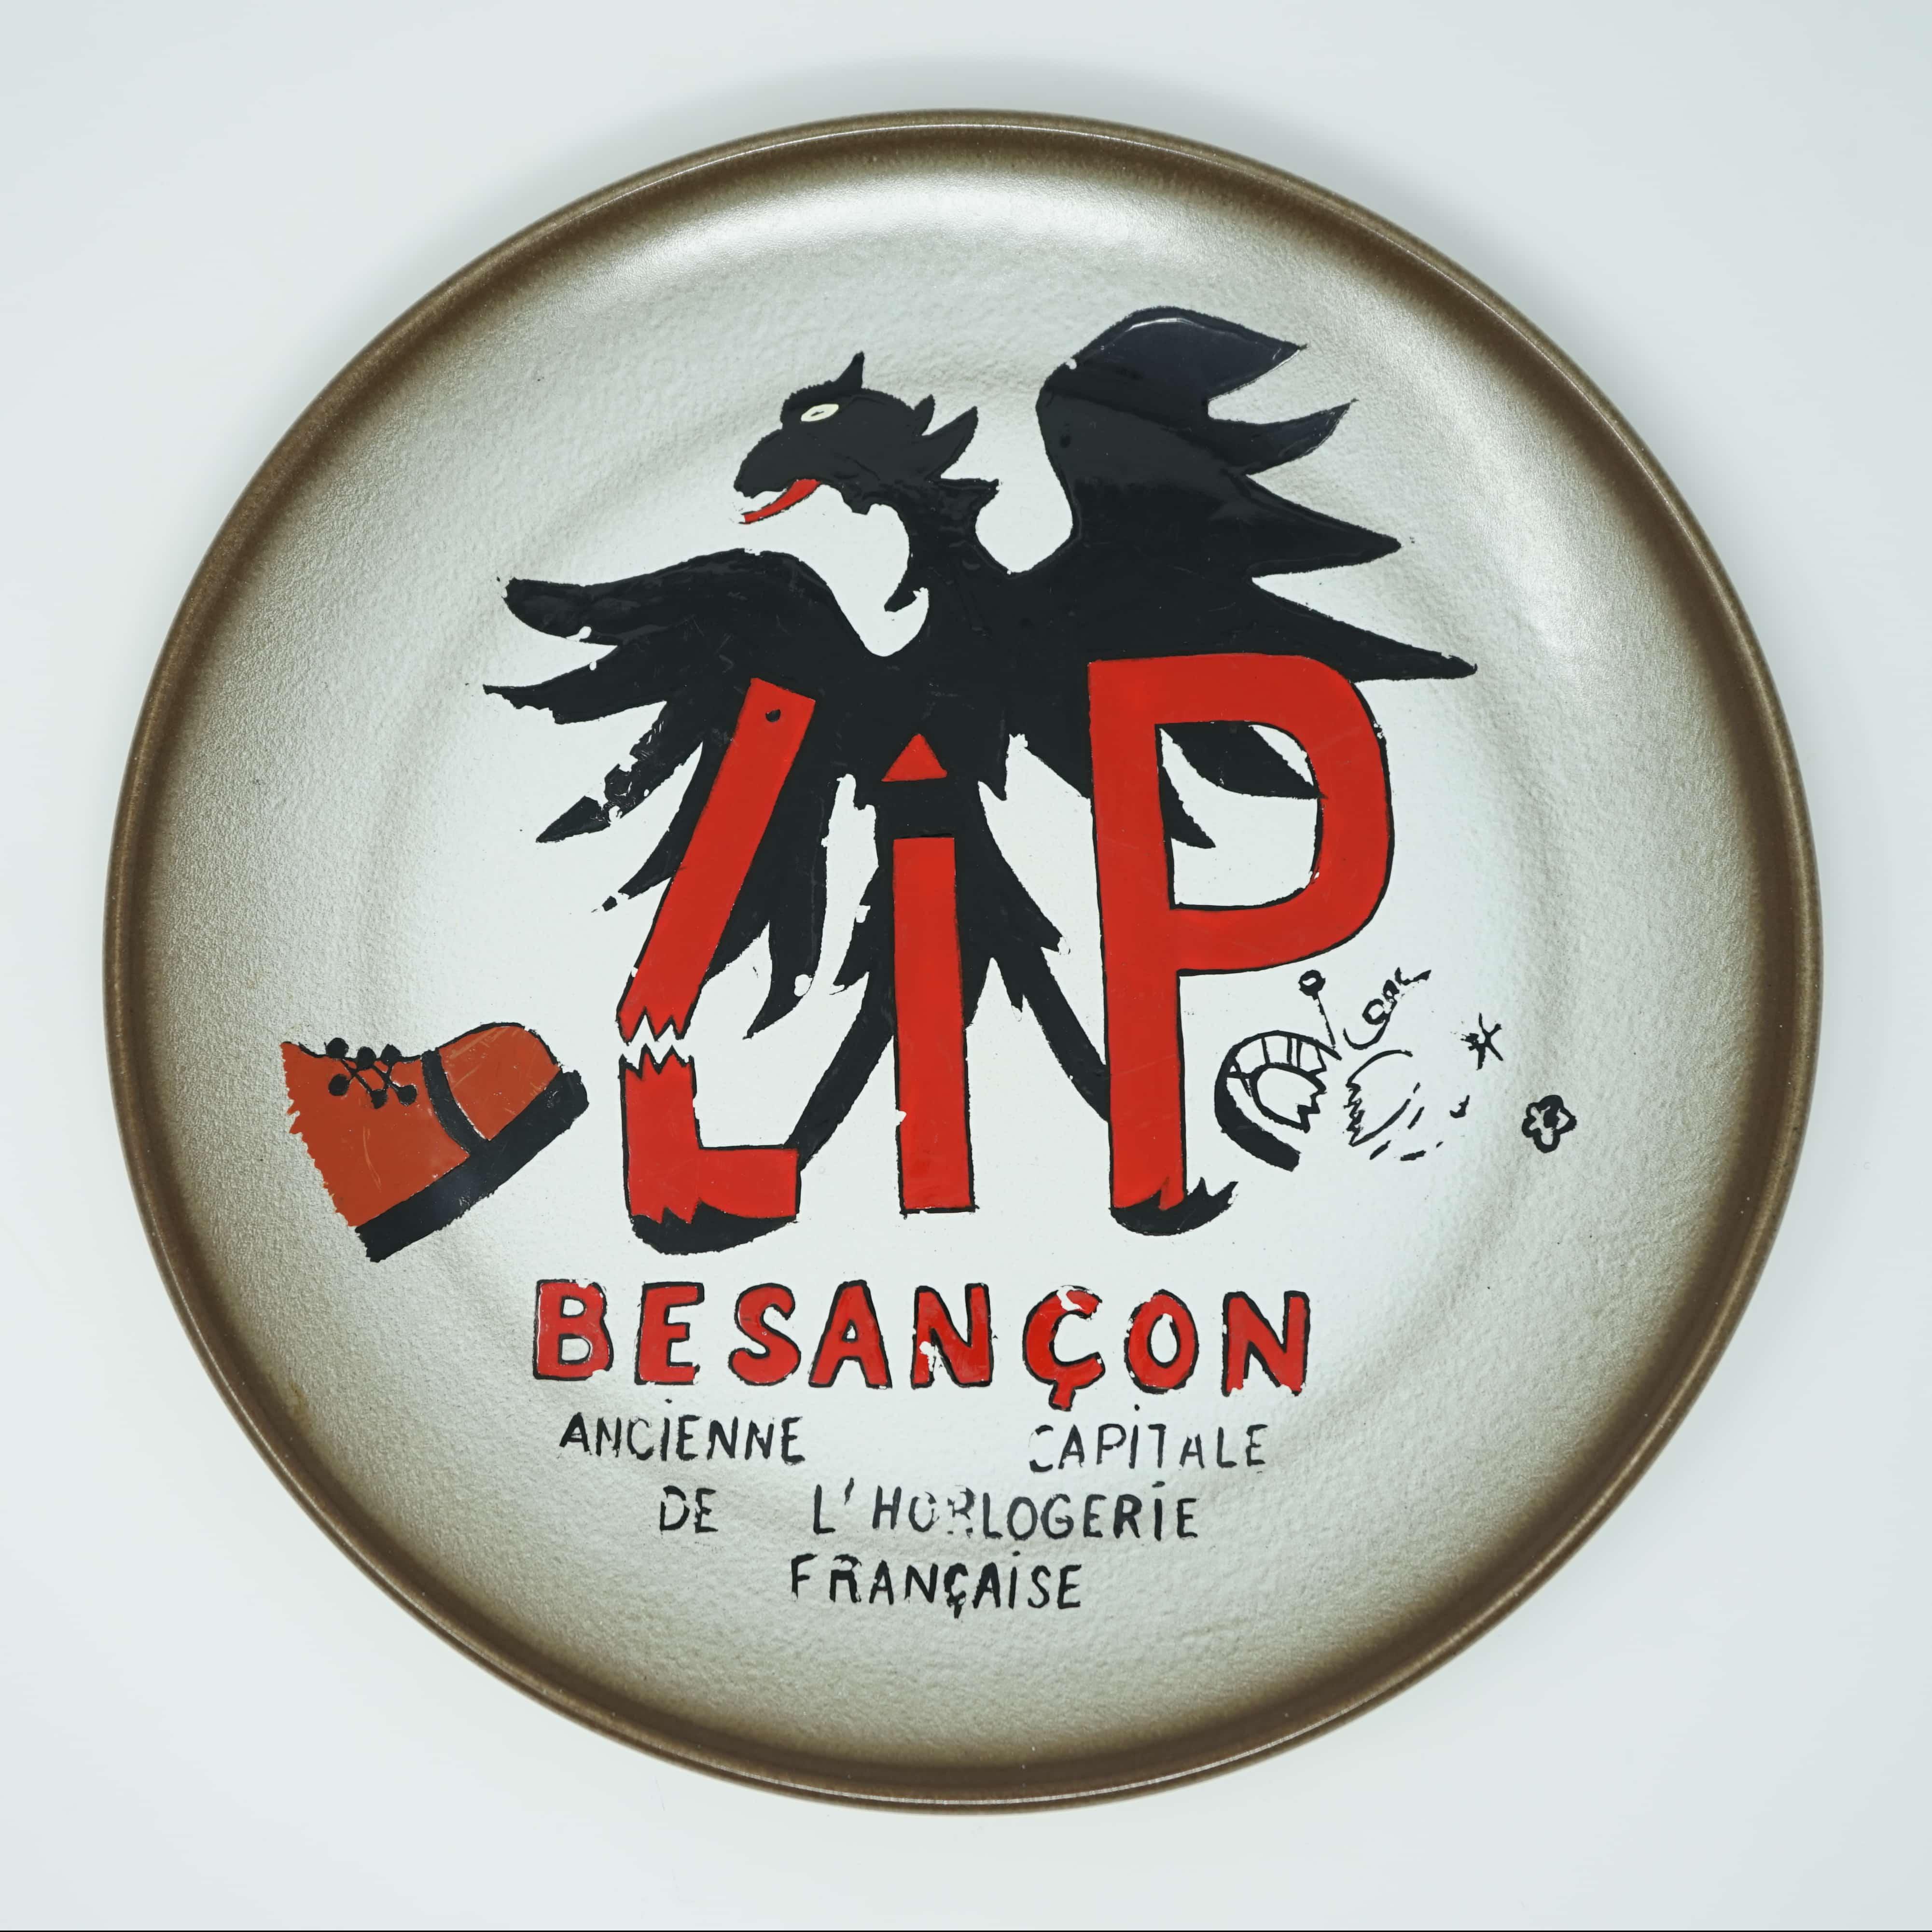 Assiette Conflit LIP 1977 Inscription Besançon Ancienne Capitale de l'Horlogerie Française